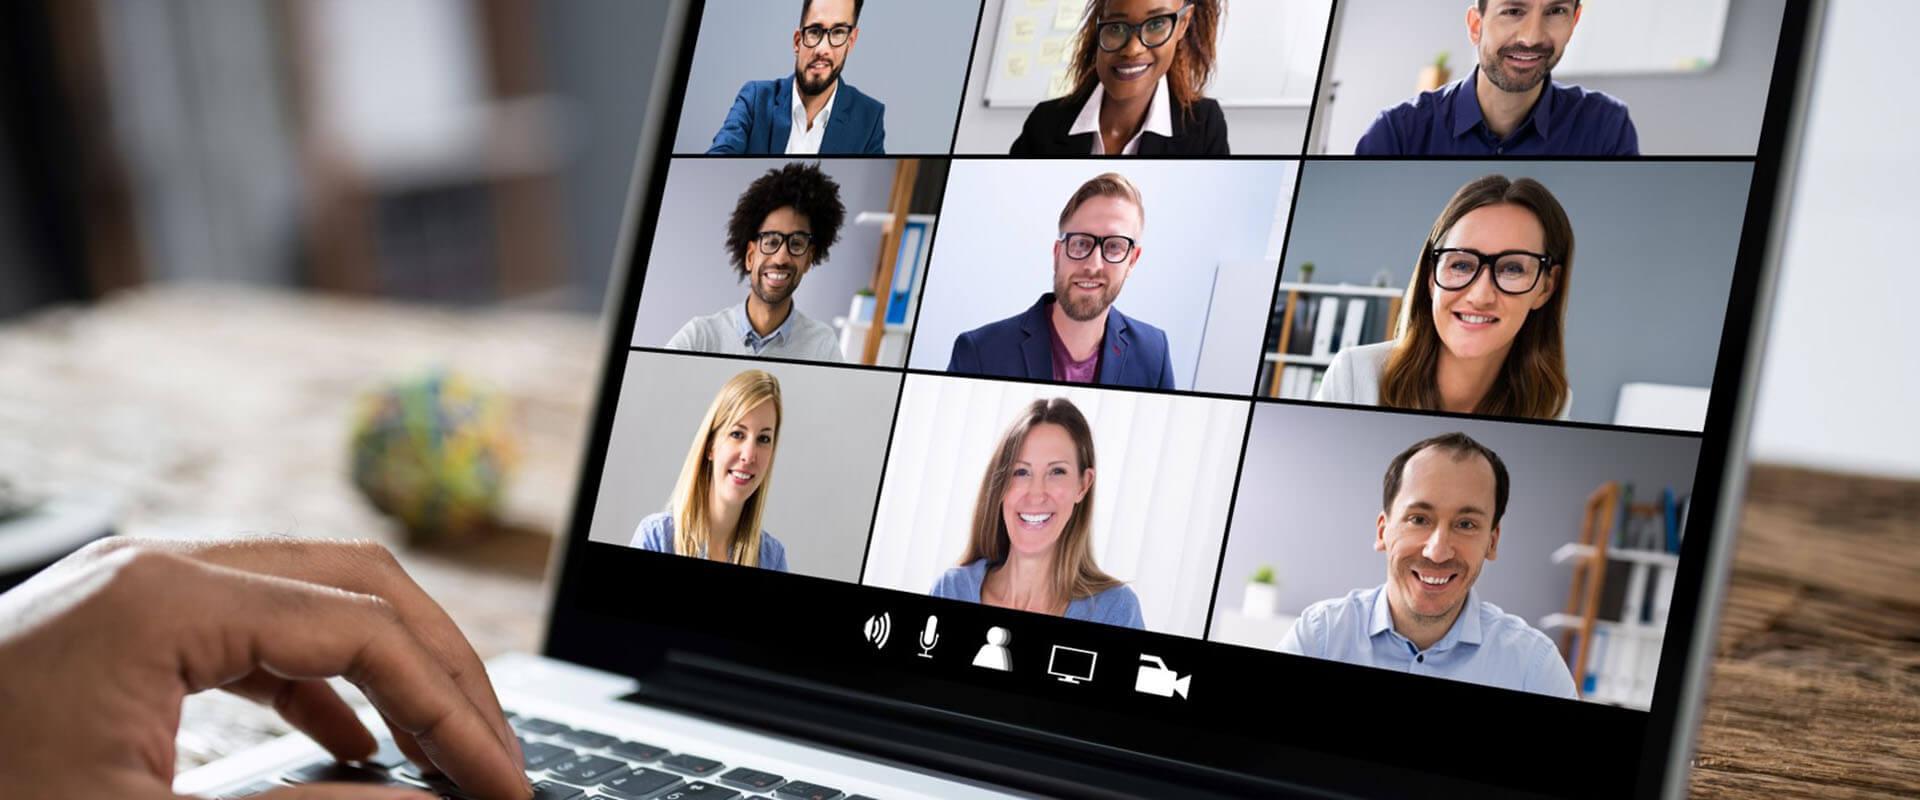 Virtual conferences - Artfood Traiteur